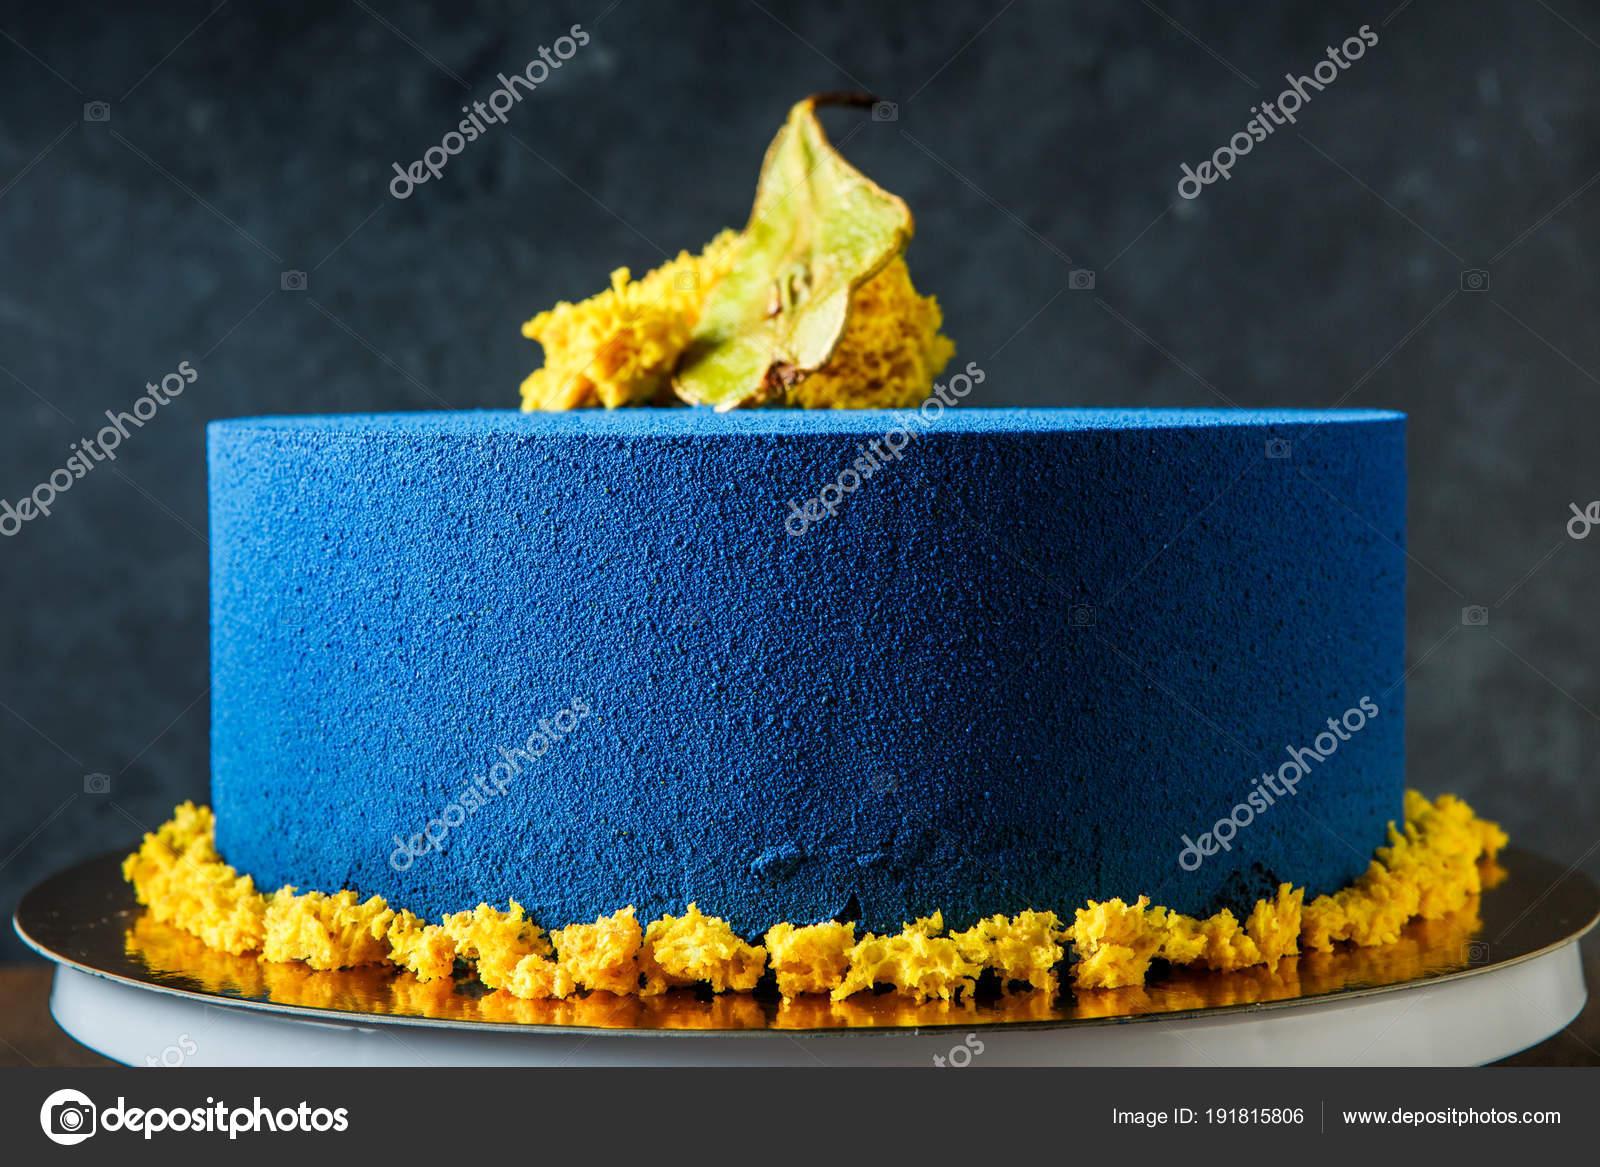 Blaue Runde Kuchen Verziert Mit Dorrbirnen Und Stucke Von Gelben